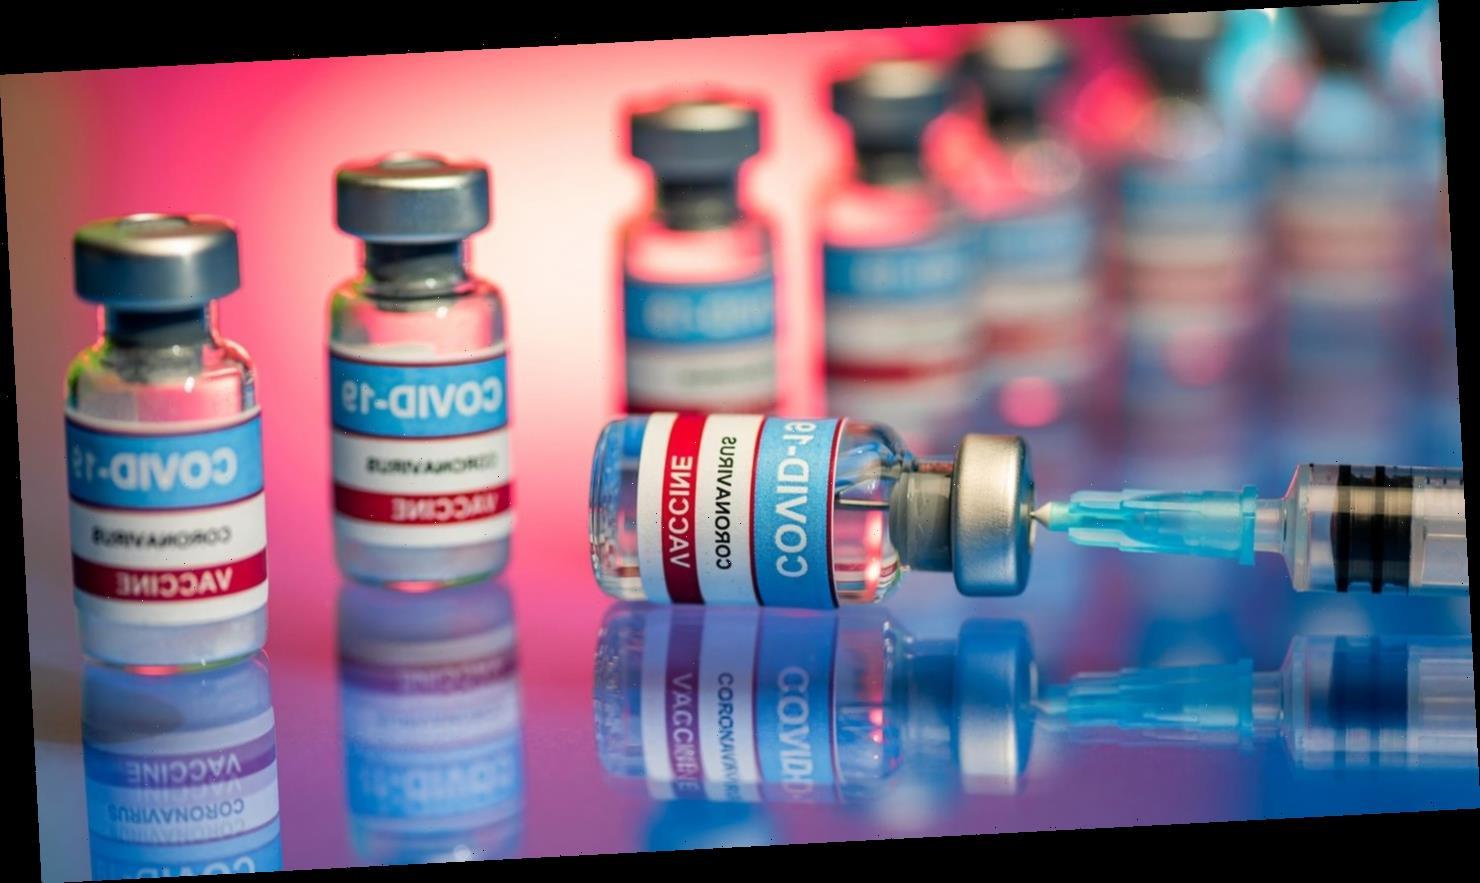 Corona-Impfung: Sind drei Impfdosen besser als zwei?